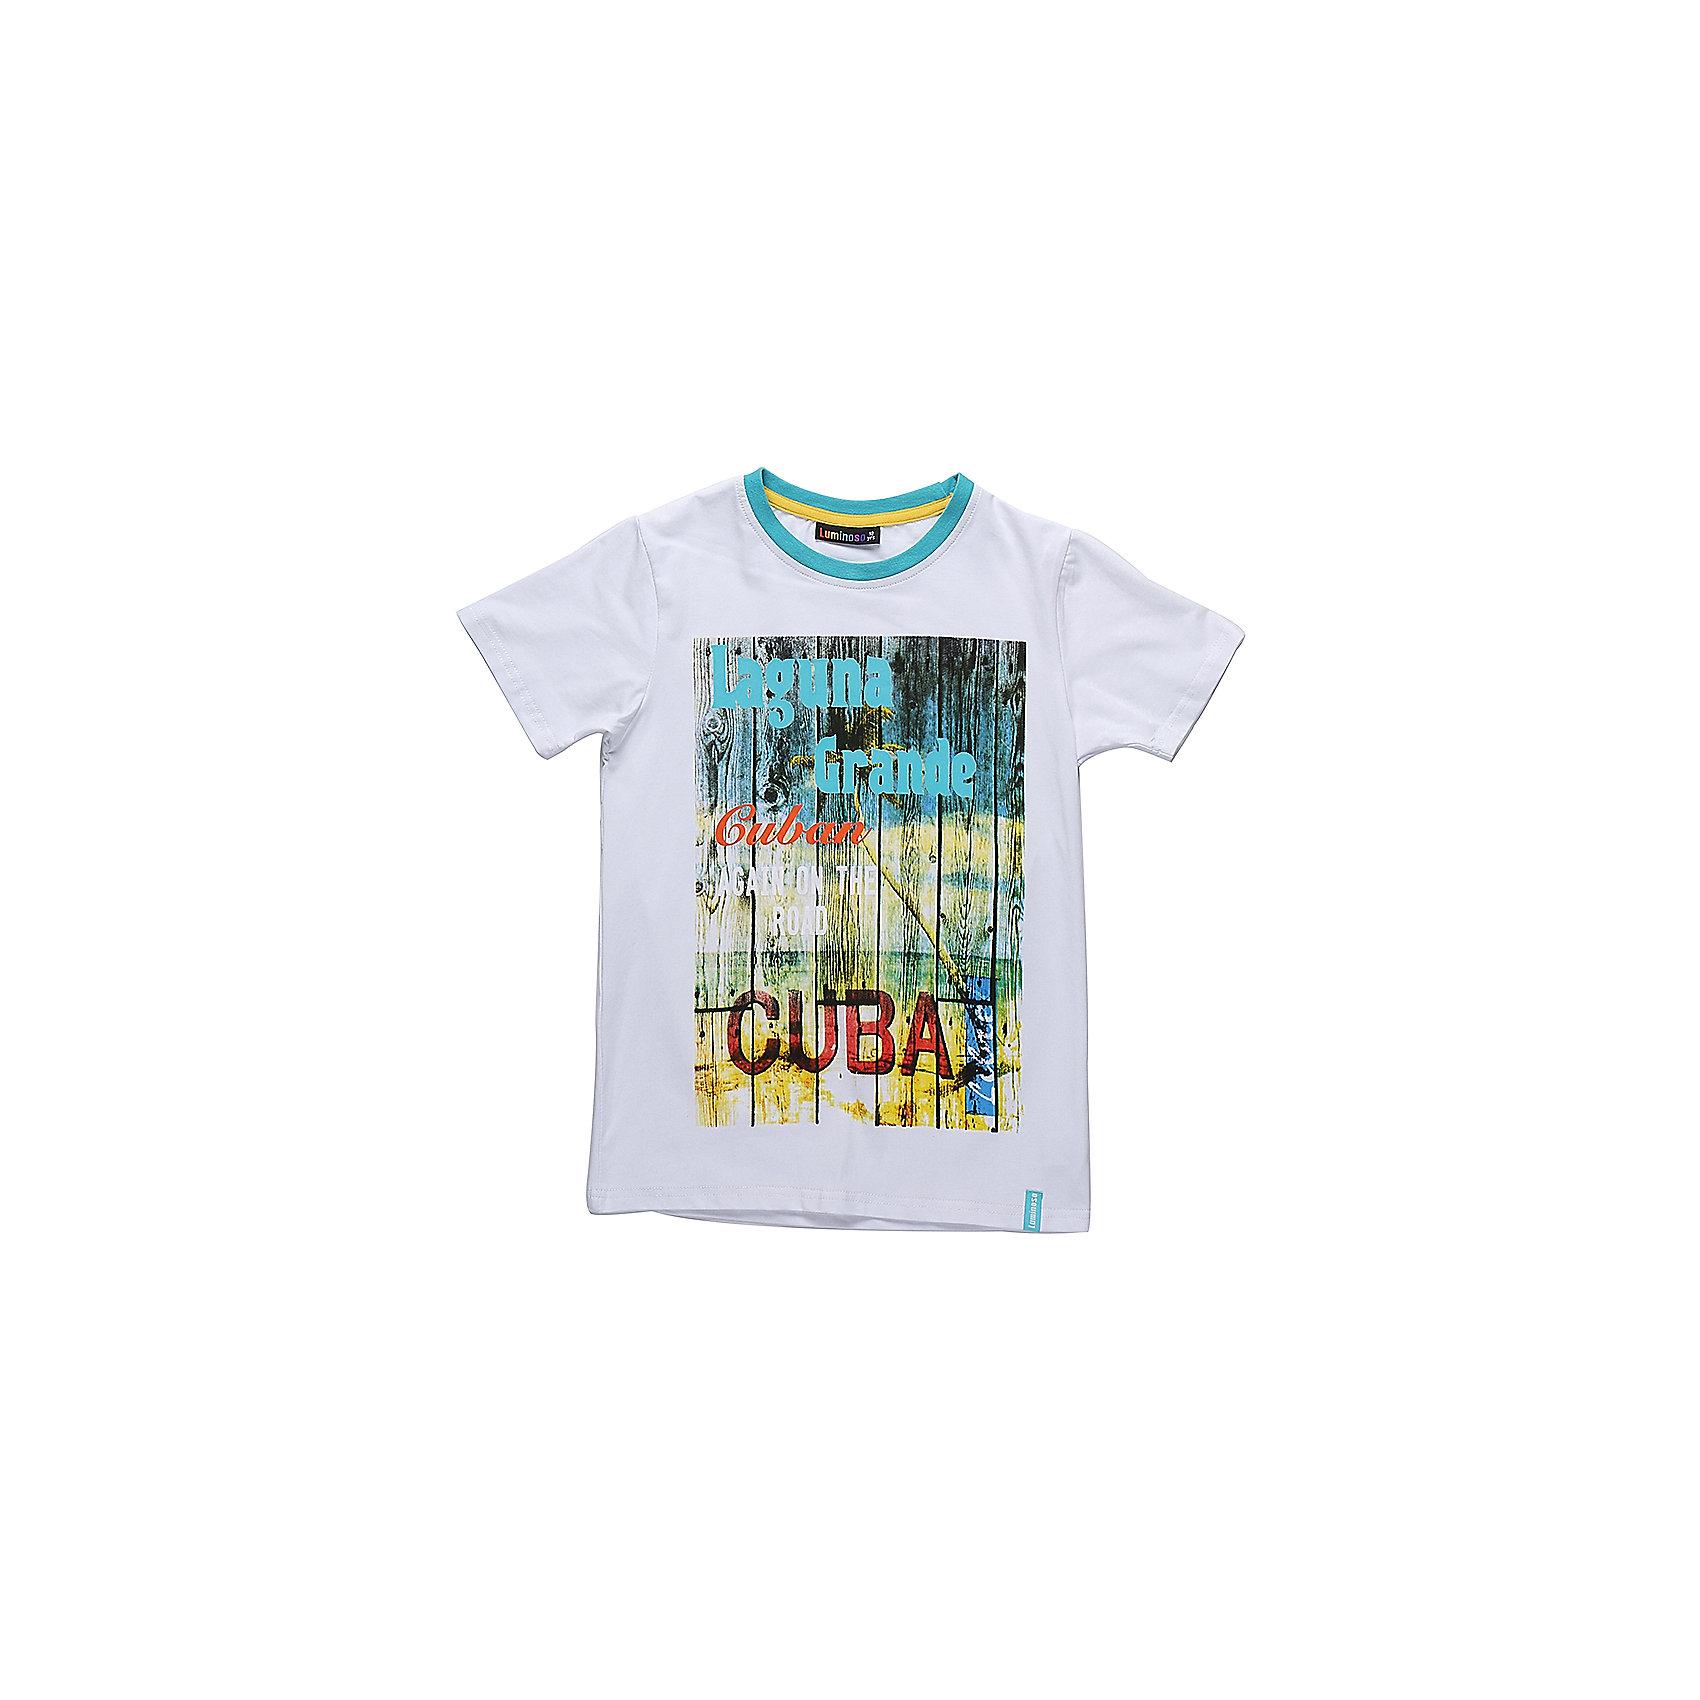 Футболка для мальчика LuminosoФутболки, поло и топы<br>Стильная футболка из трикотажной ткани для мальчика с коротким рукавом. Декорирована ярким принтом. Горловина выделена контрастным кантом.<br>Состав:<br>95%хлопок 5%эластан<br><br>Ширина мм: 199<br>Глубина мм: 10<br>Высота мм: 161<br>Вес г: 151<br>Цвет: белый<br>Возраст от месяцев: 96<br>Возраст до месяцев: 108<br>Пол: Мужской<br>Возраст: Детский<br>Размер: 134,140,146,152,158,164<br>SKU: 5409744